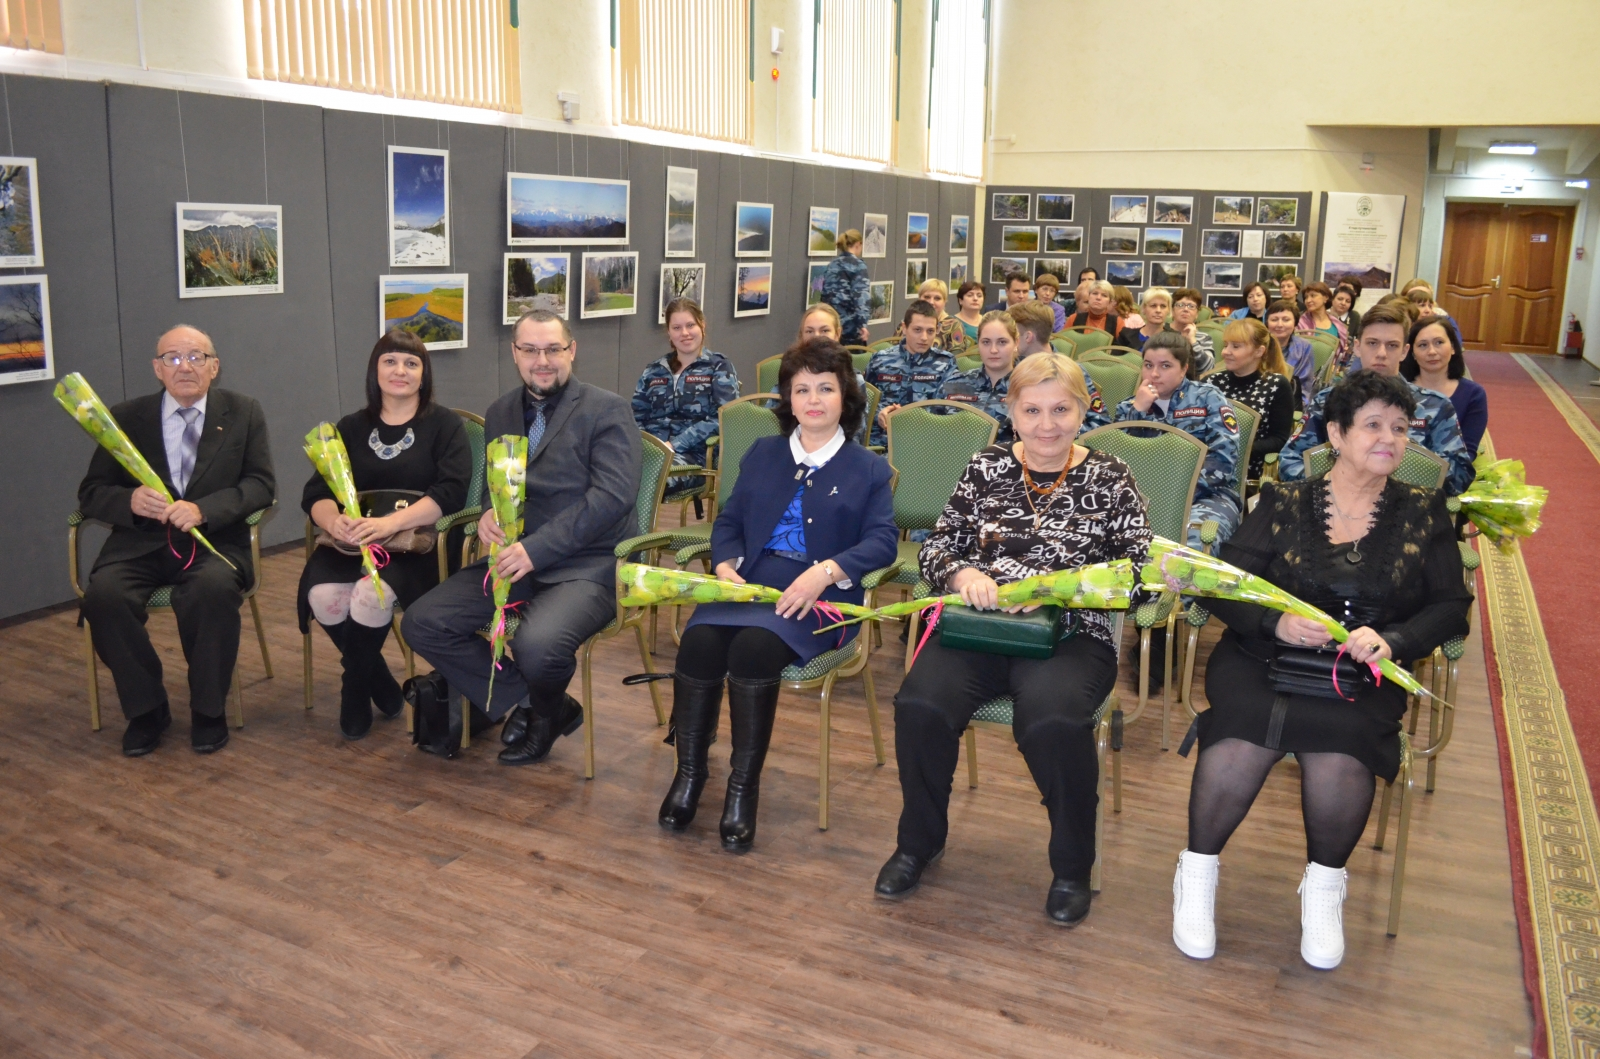 Наш город комсомольск-на-амуре объявления работа охрана новосибирск газ 3307 доска объявлений